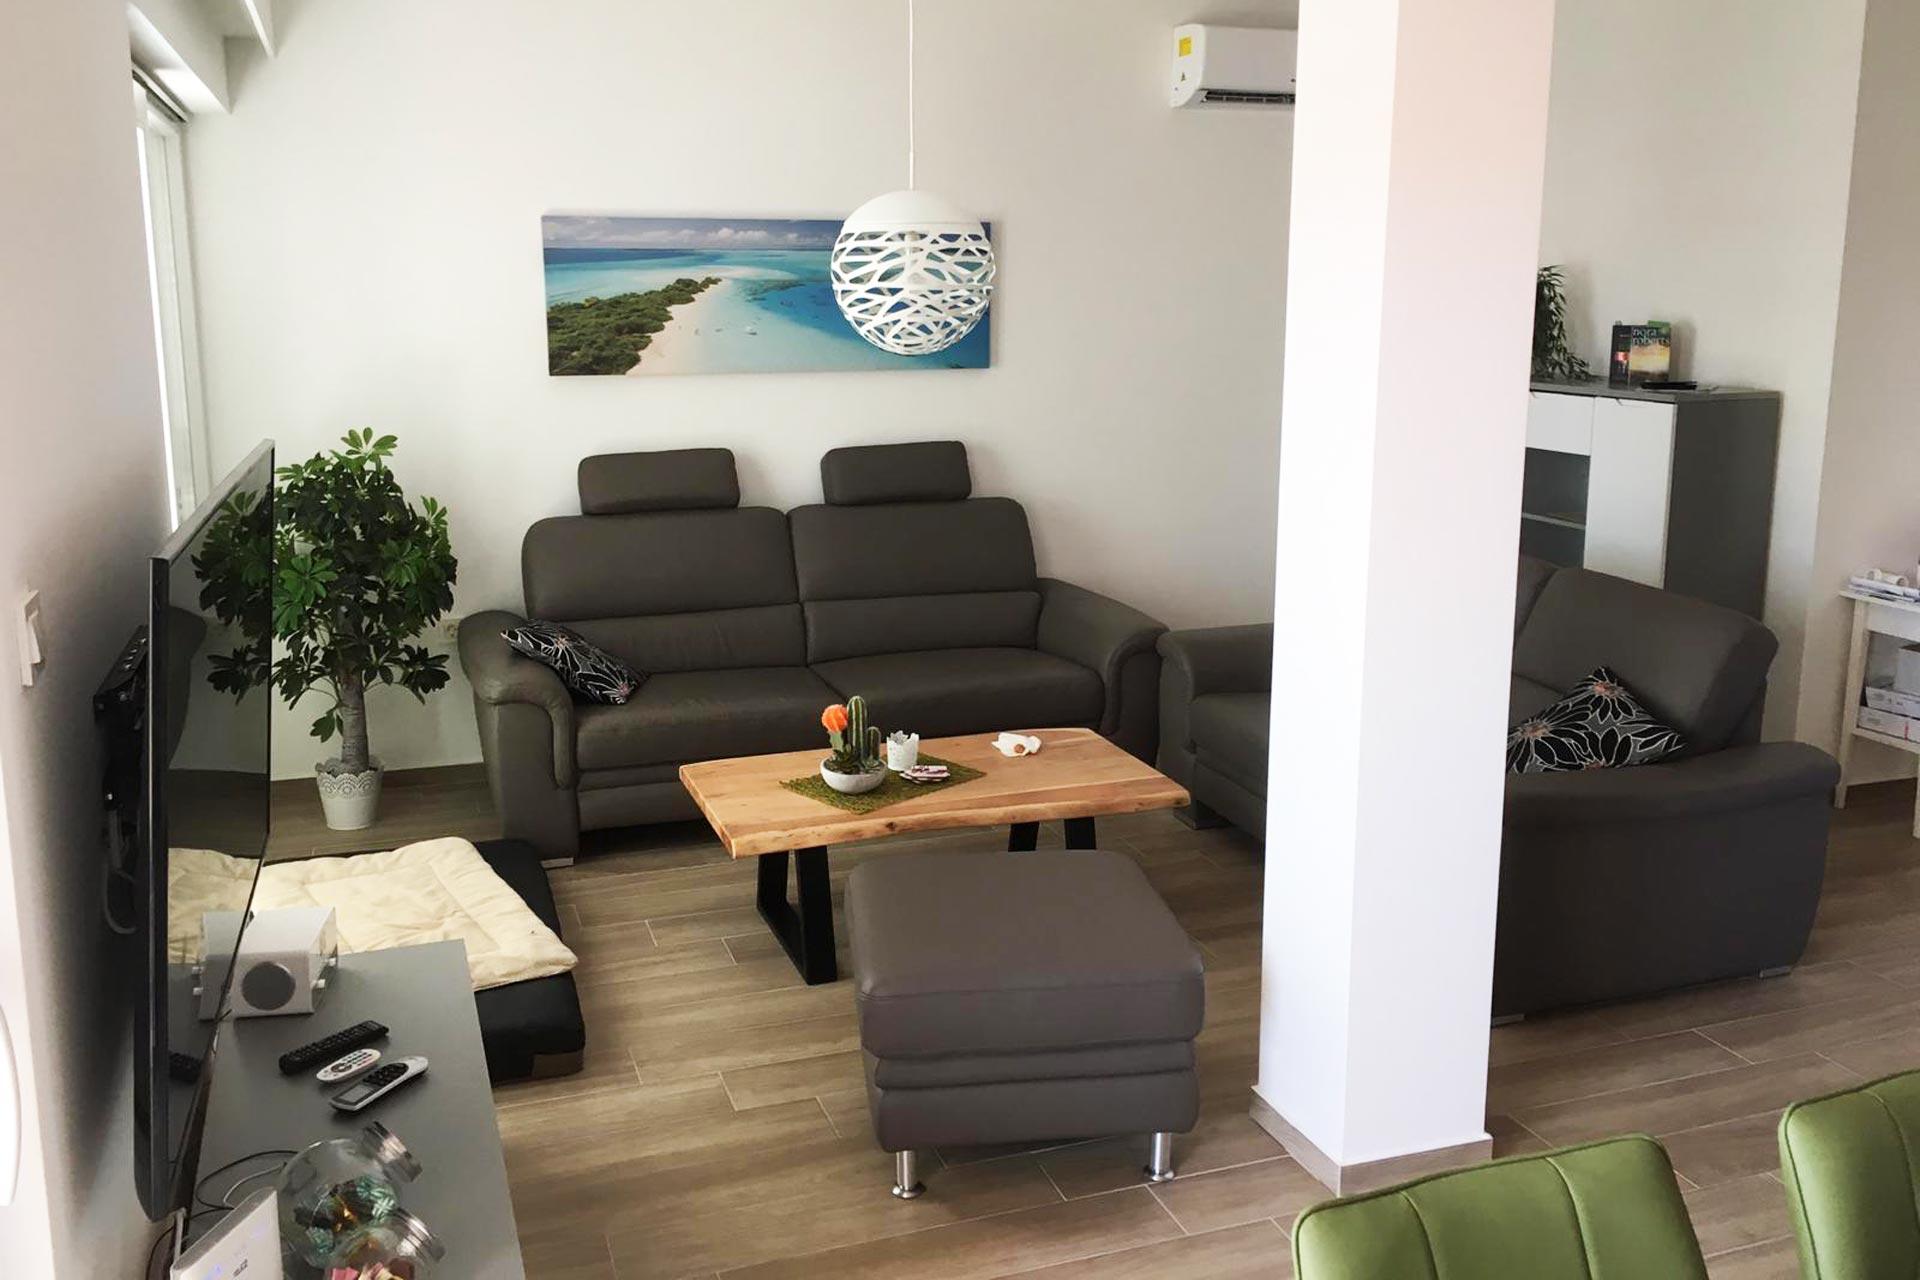 Ferienwohnung im Obergeschoss - Wohnzimmer mit Couch und TV